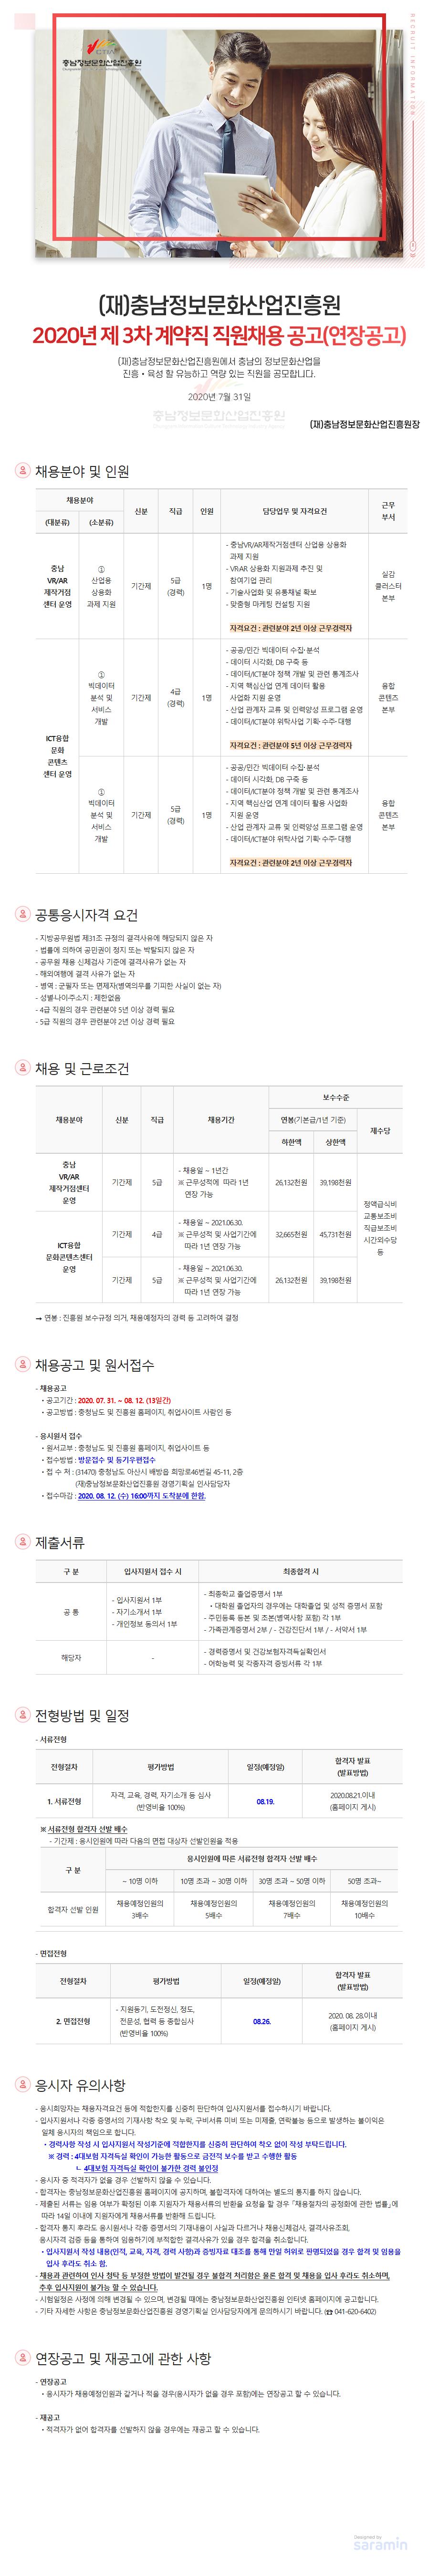 (재)충남정보문화산업진흥원 2020년 제3차 계약직 직원채용 공고(연장공고)